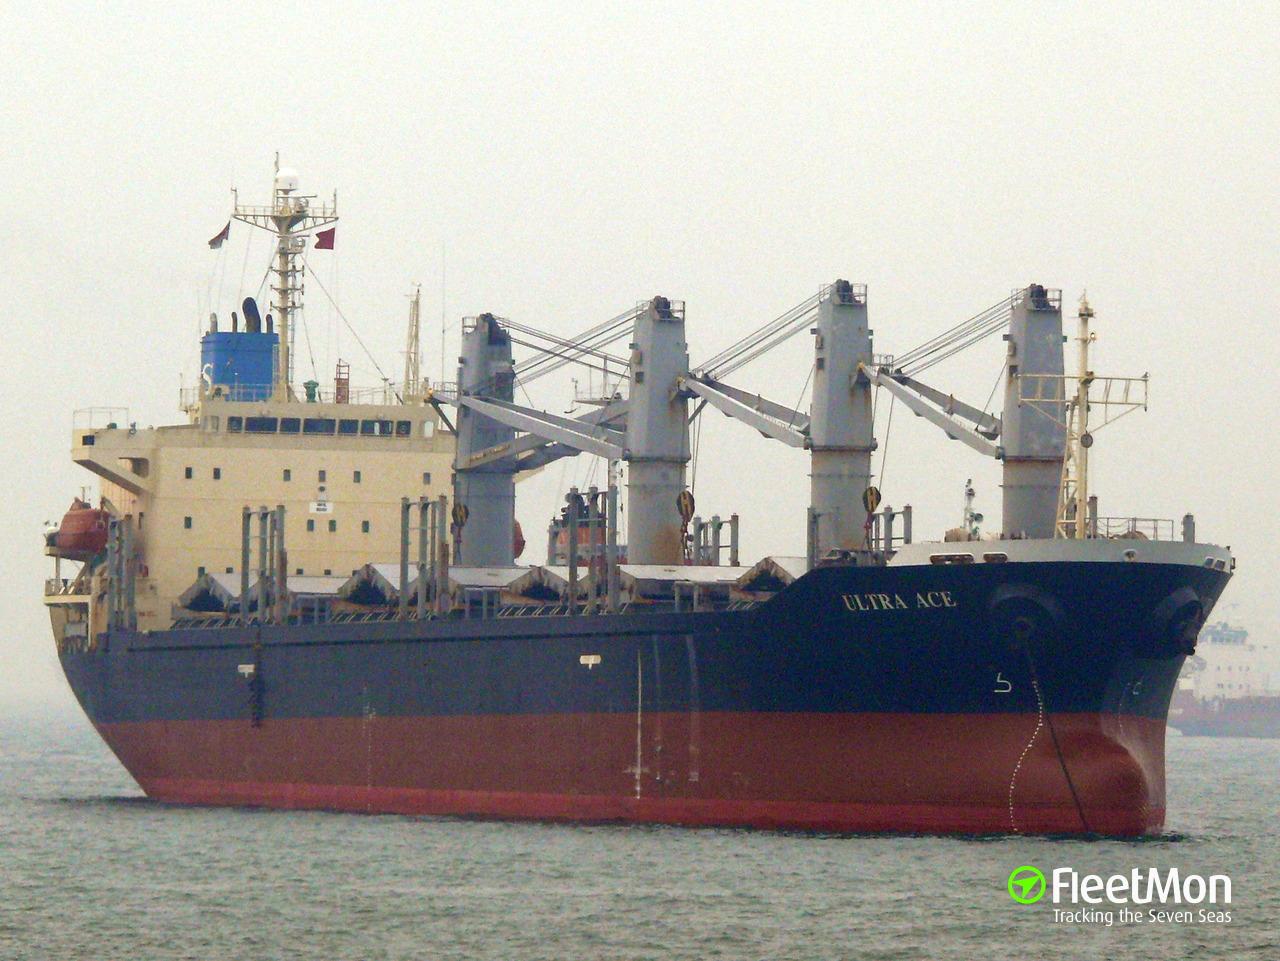 Vessel HO BAO (Bulk carrier) IMO 9223631, MMSI 352792000